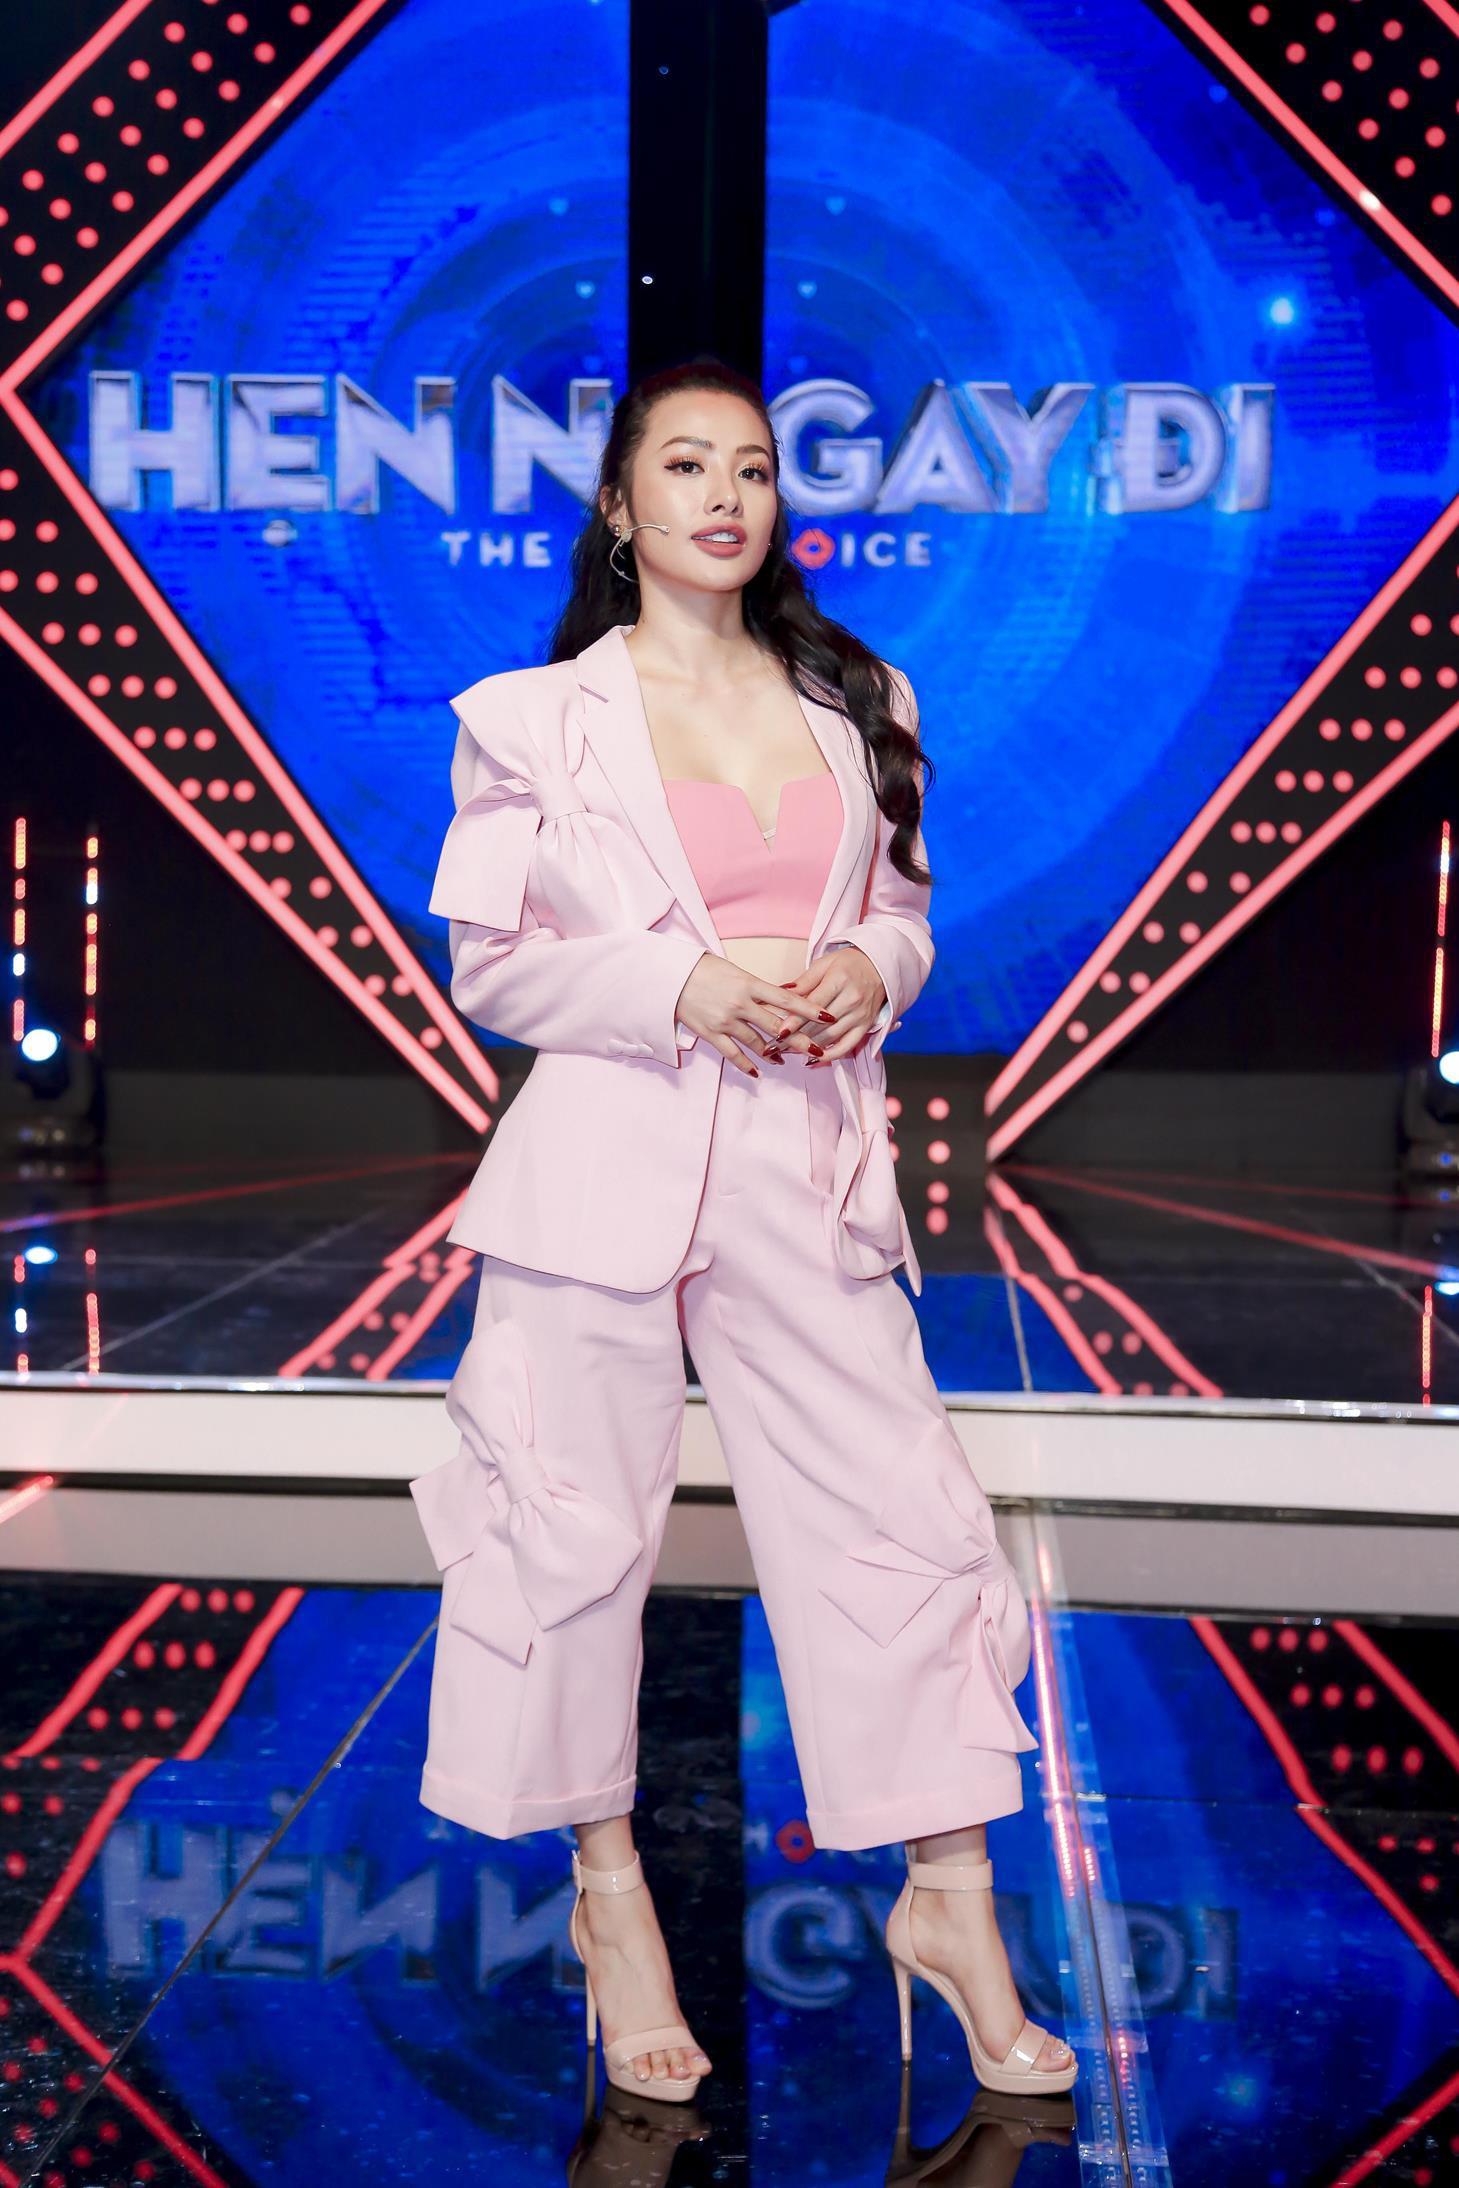 Vừa mới công khai bạn gái, Huỳnh Anh đã vui vẻ đi ăn với người đẹp khác - Ảnh 11.